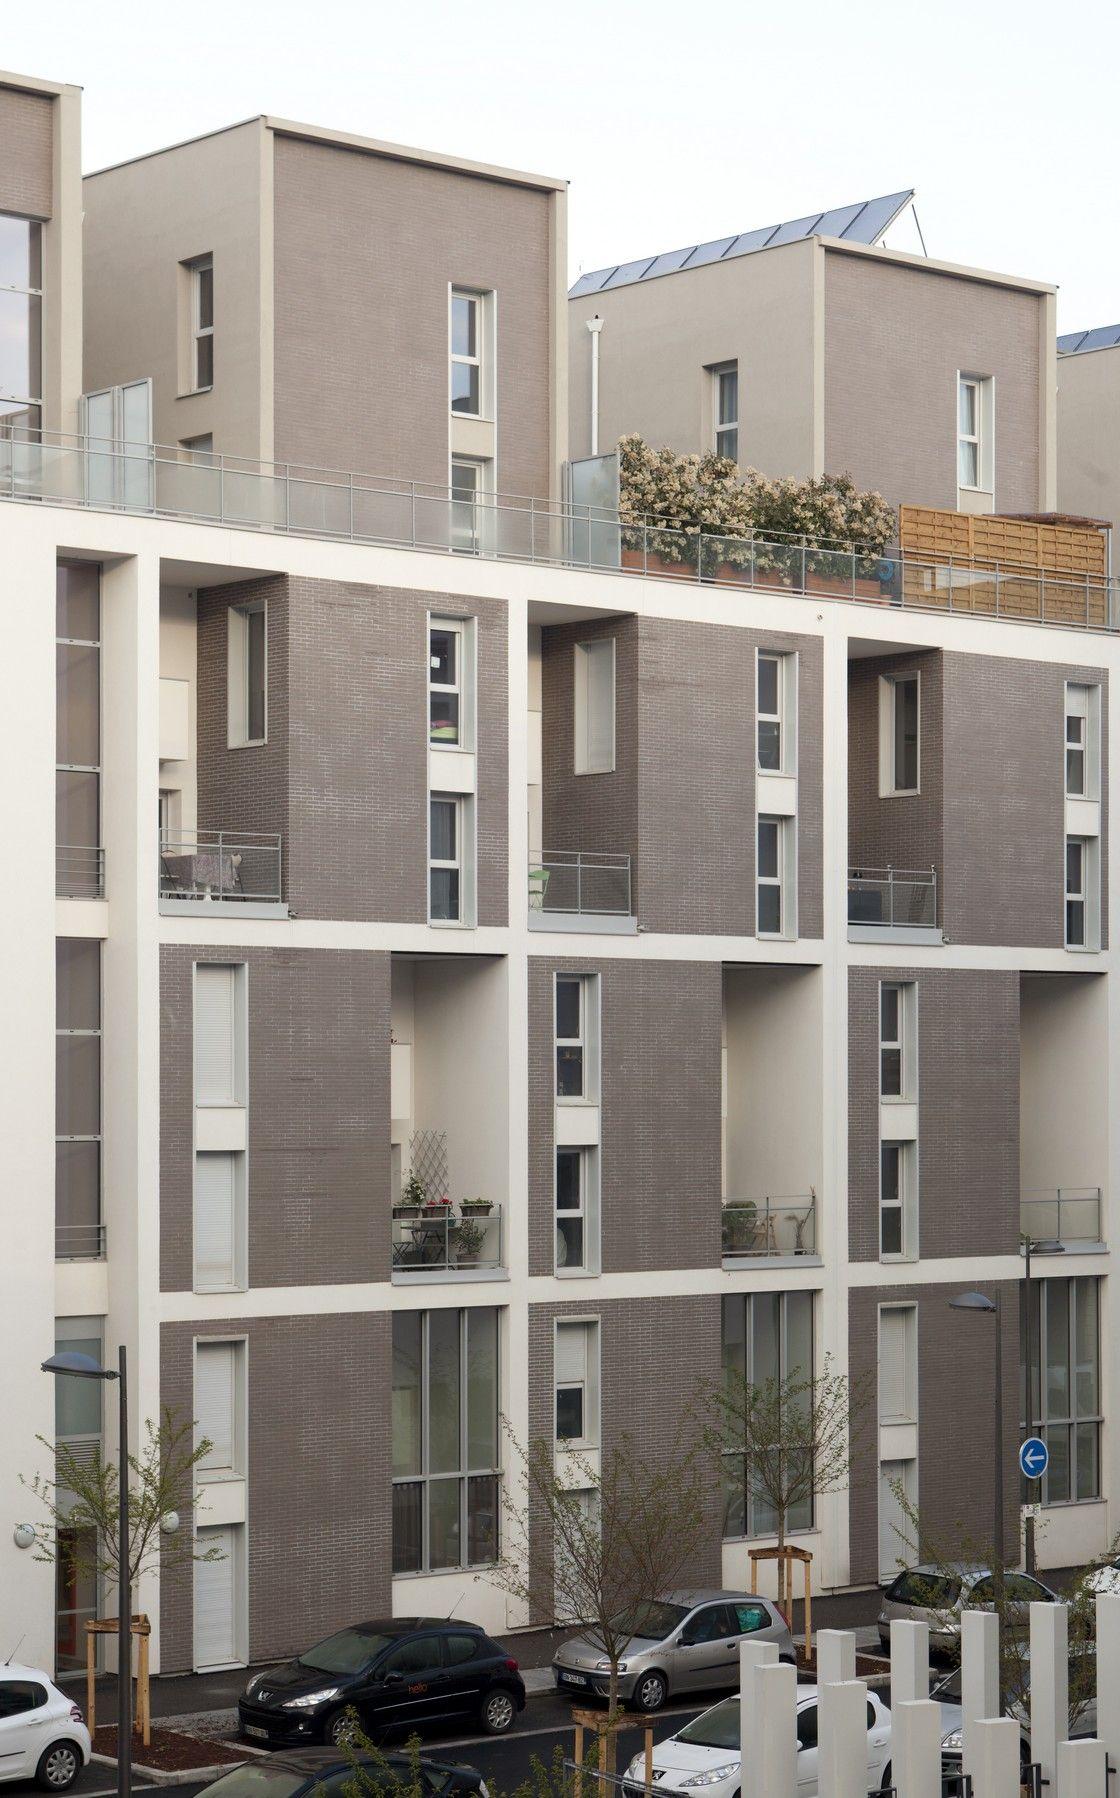 Atelier De La Passerelle | Evolution, Densifying The City 145 Apartments In  Lyon